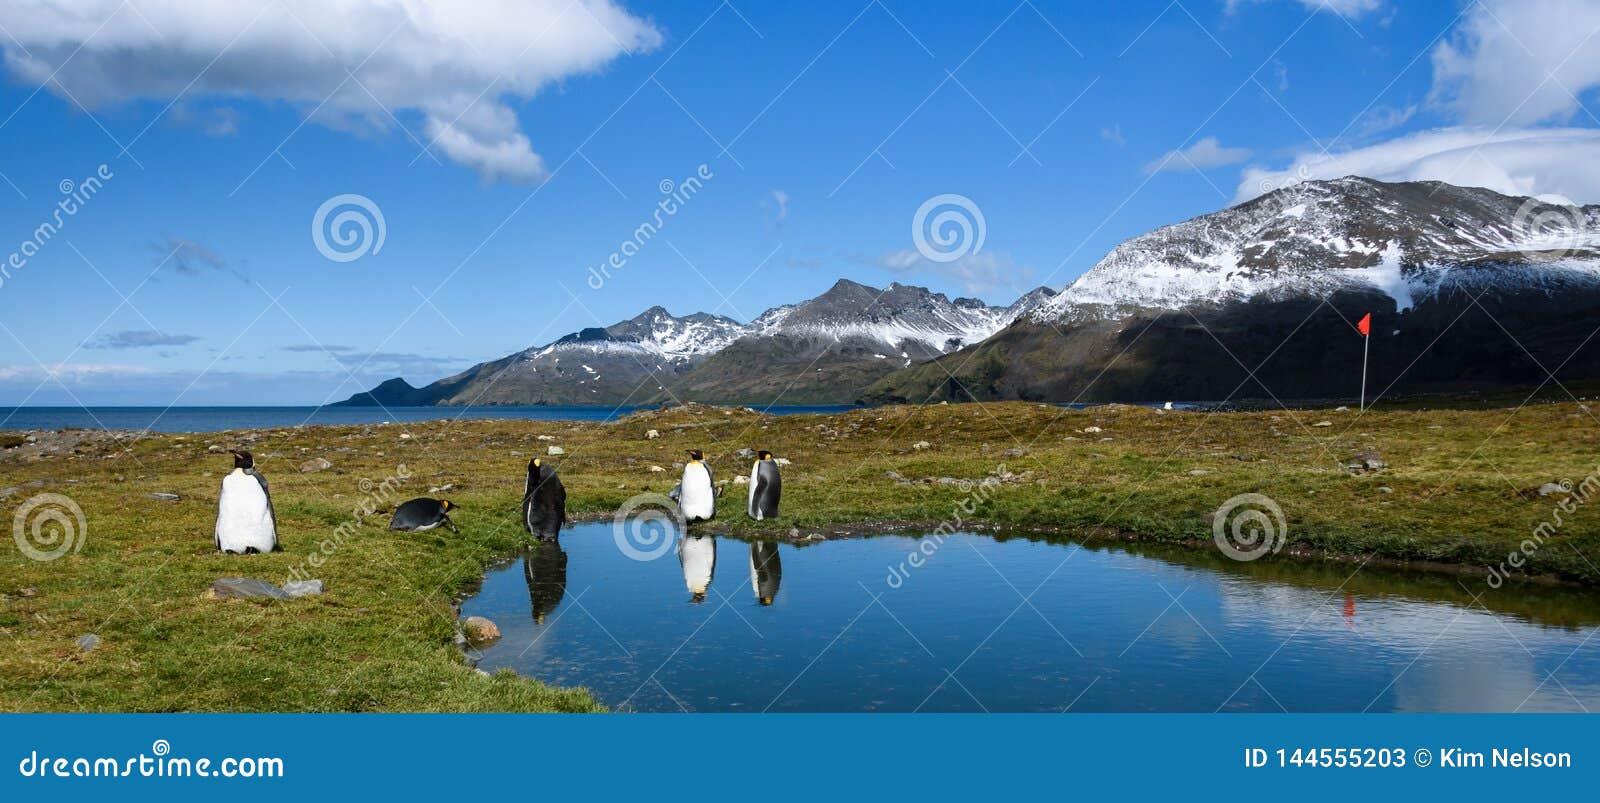 Panorama met Koning Penguins die zich op de rand van een kalme vijver bevinden, met bezinningen, rode gidsvlag op een pool, zonni